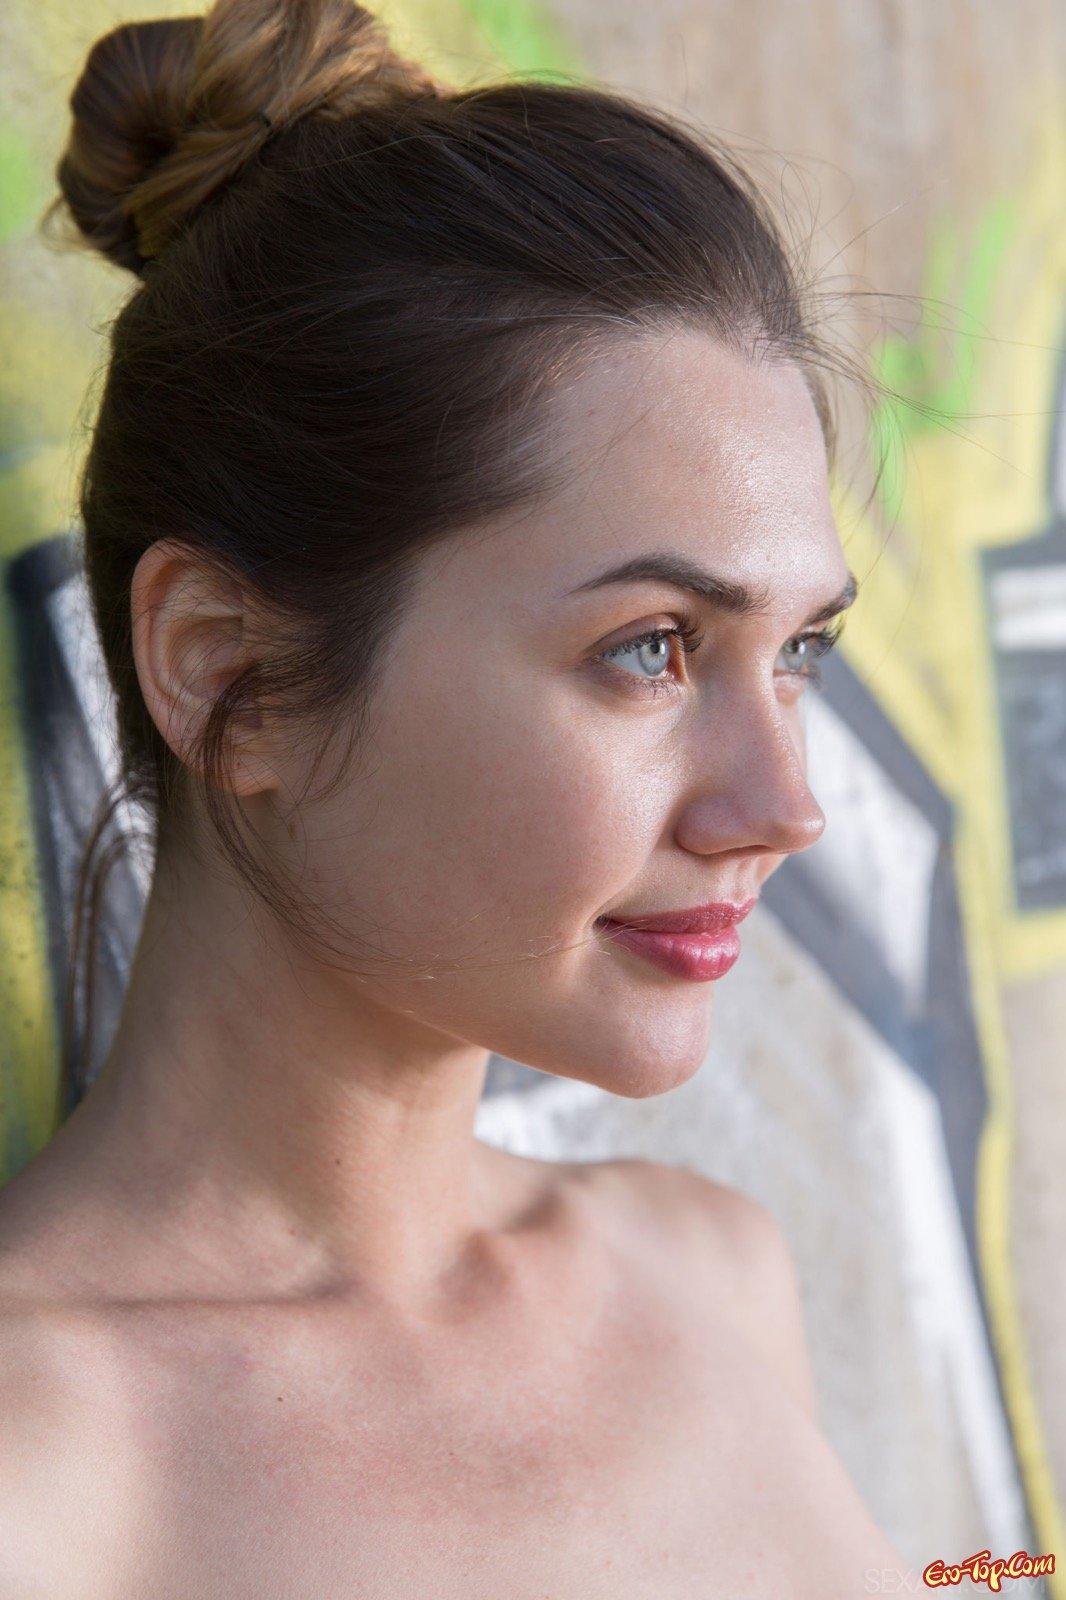 Целомудренная милашка сексуально разделась у бетонной стены